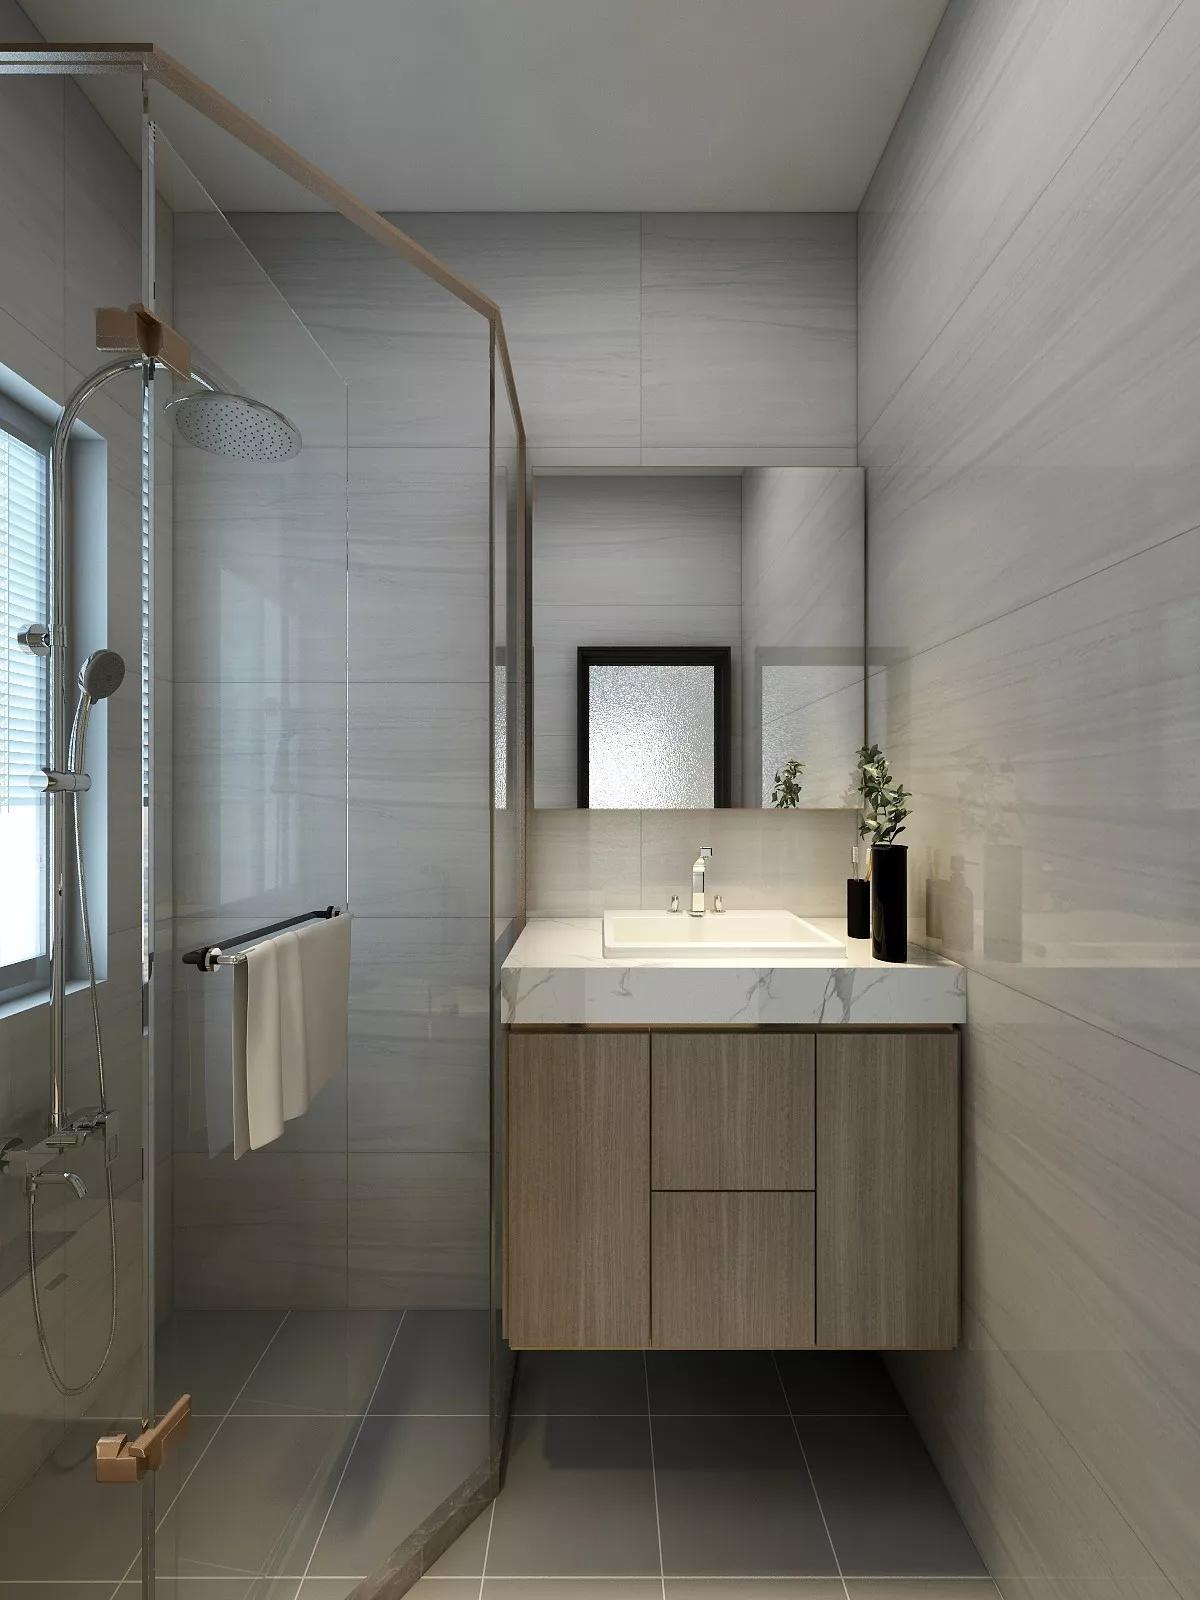 现代化舒适简洁风格餐厅设计效果图